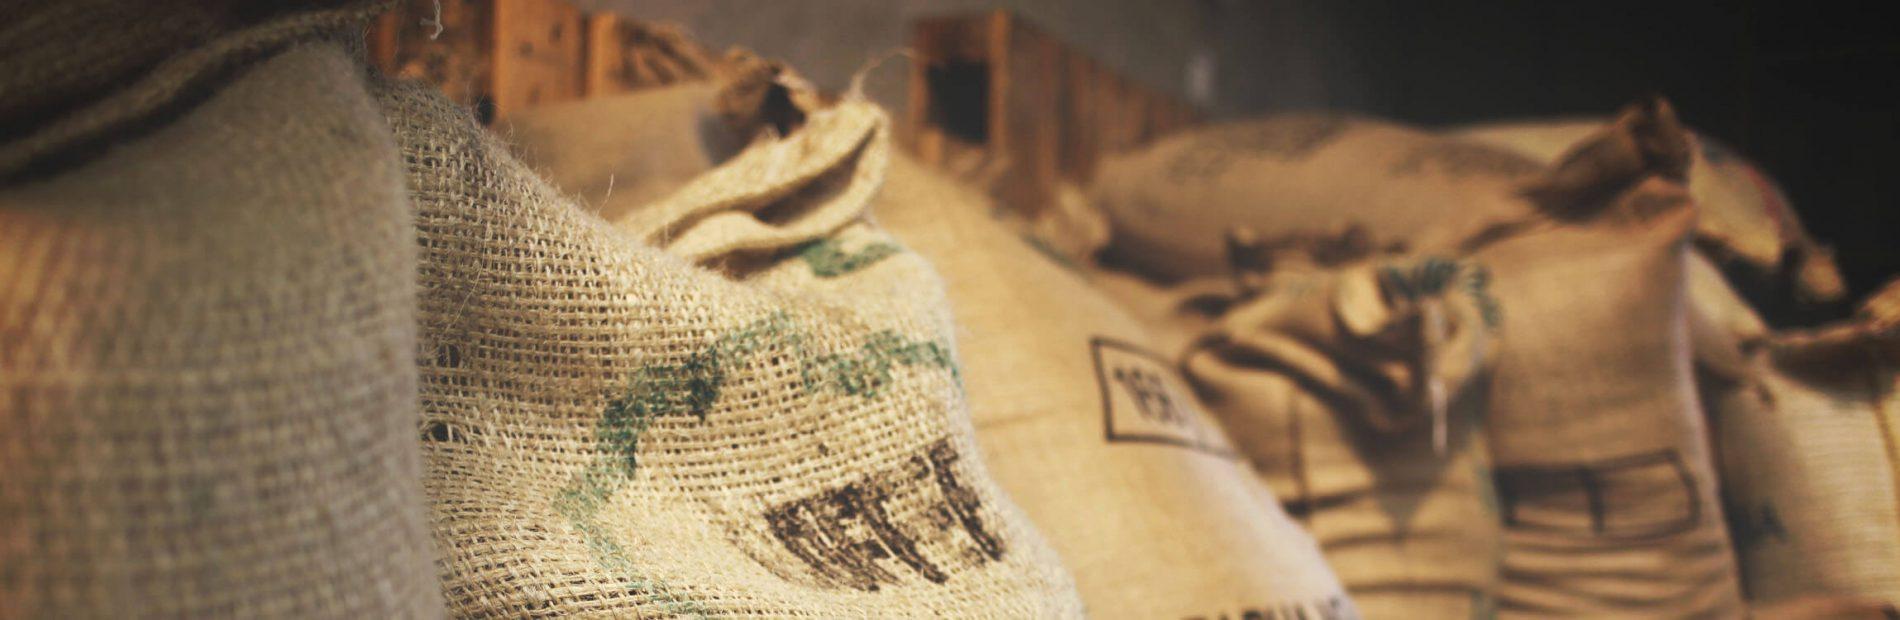 Rohkaffeesäcke Kaffeesorten